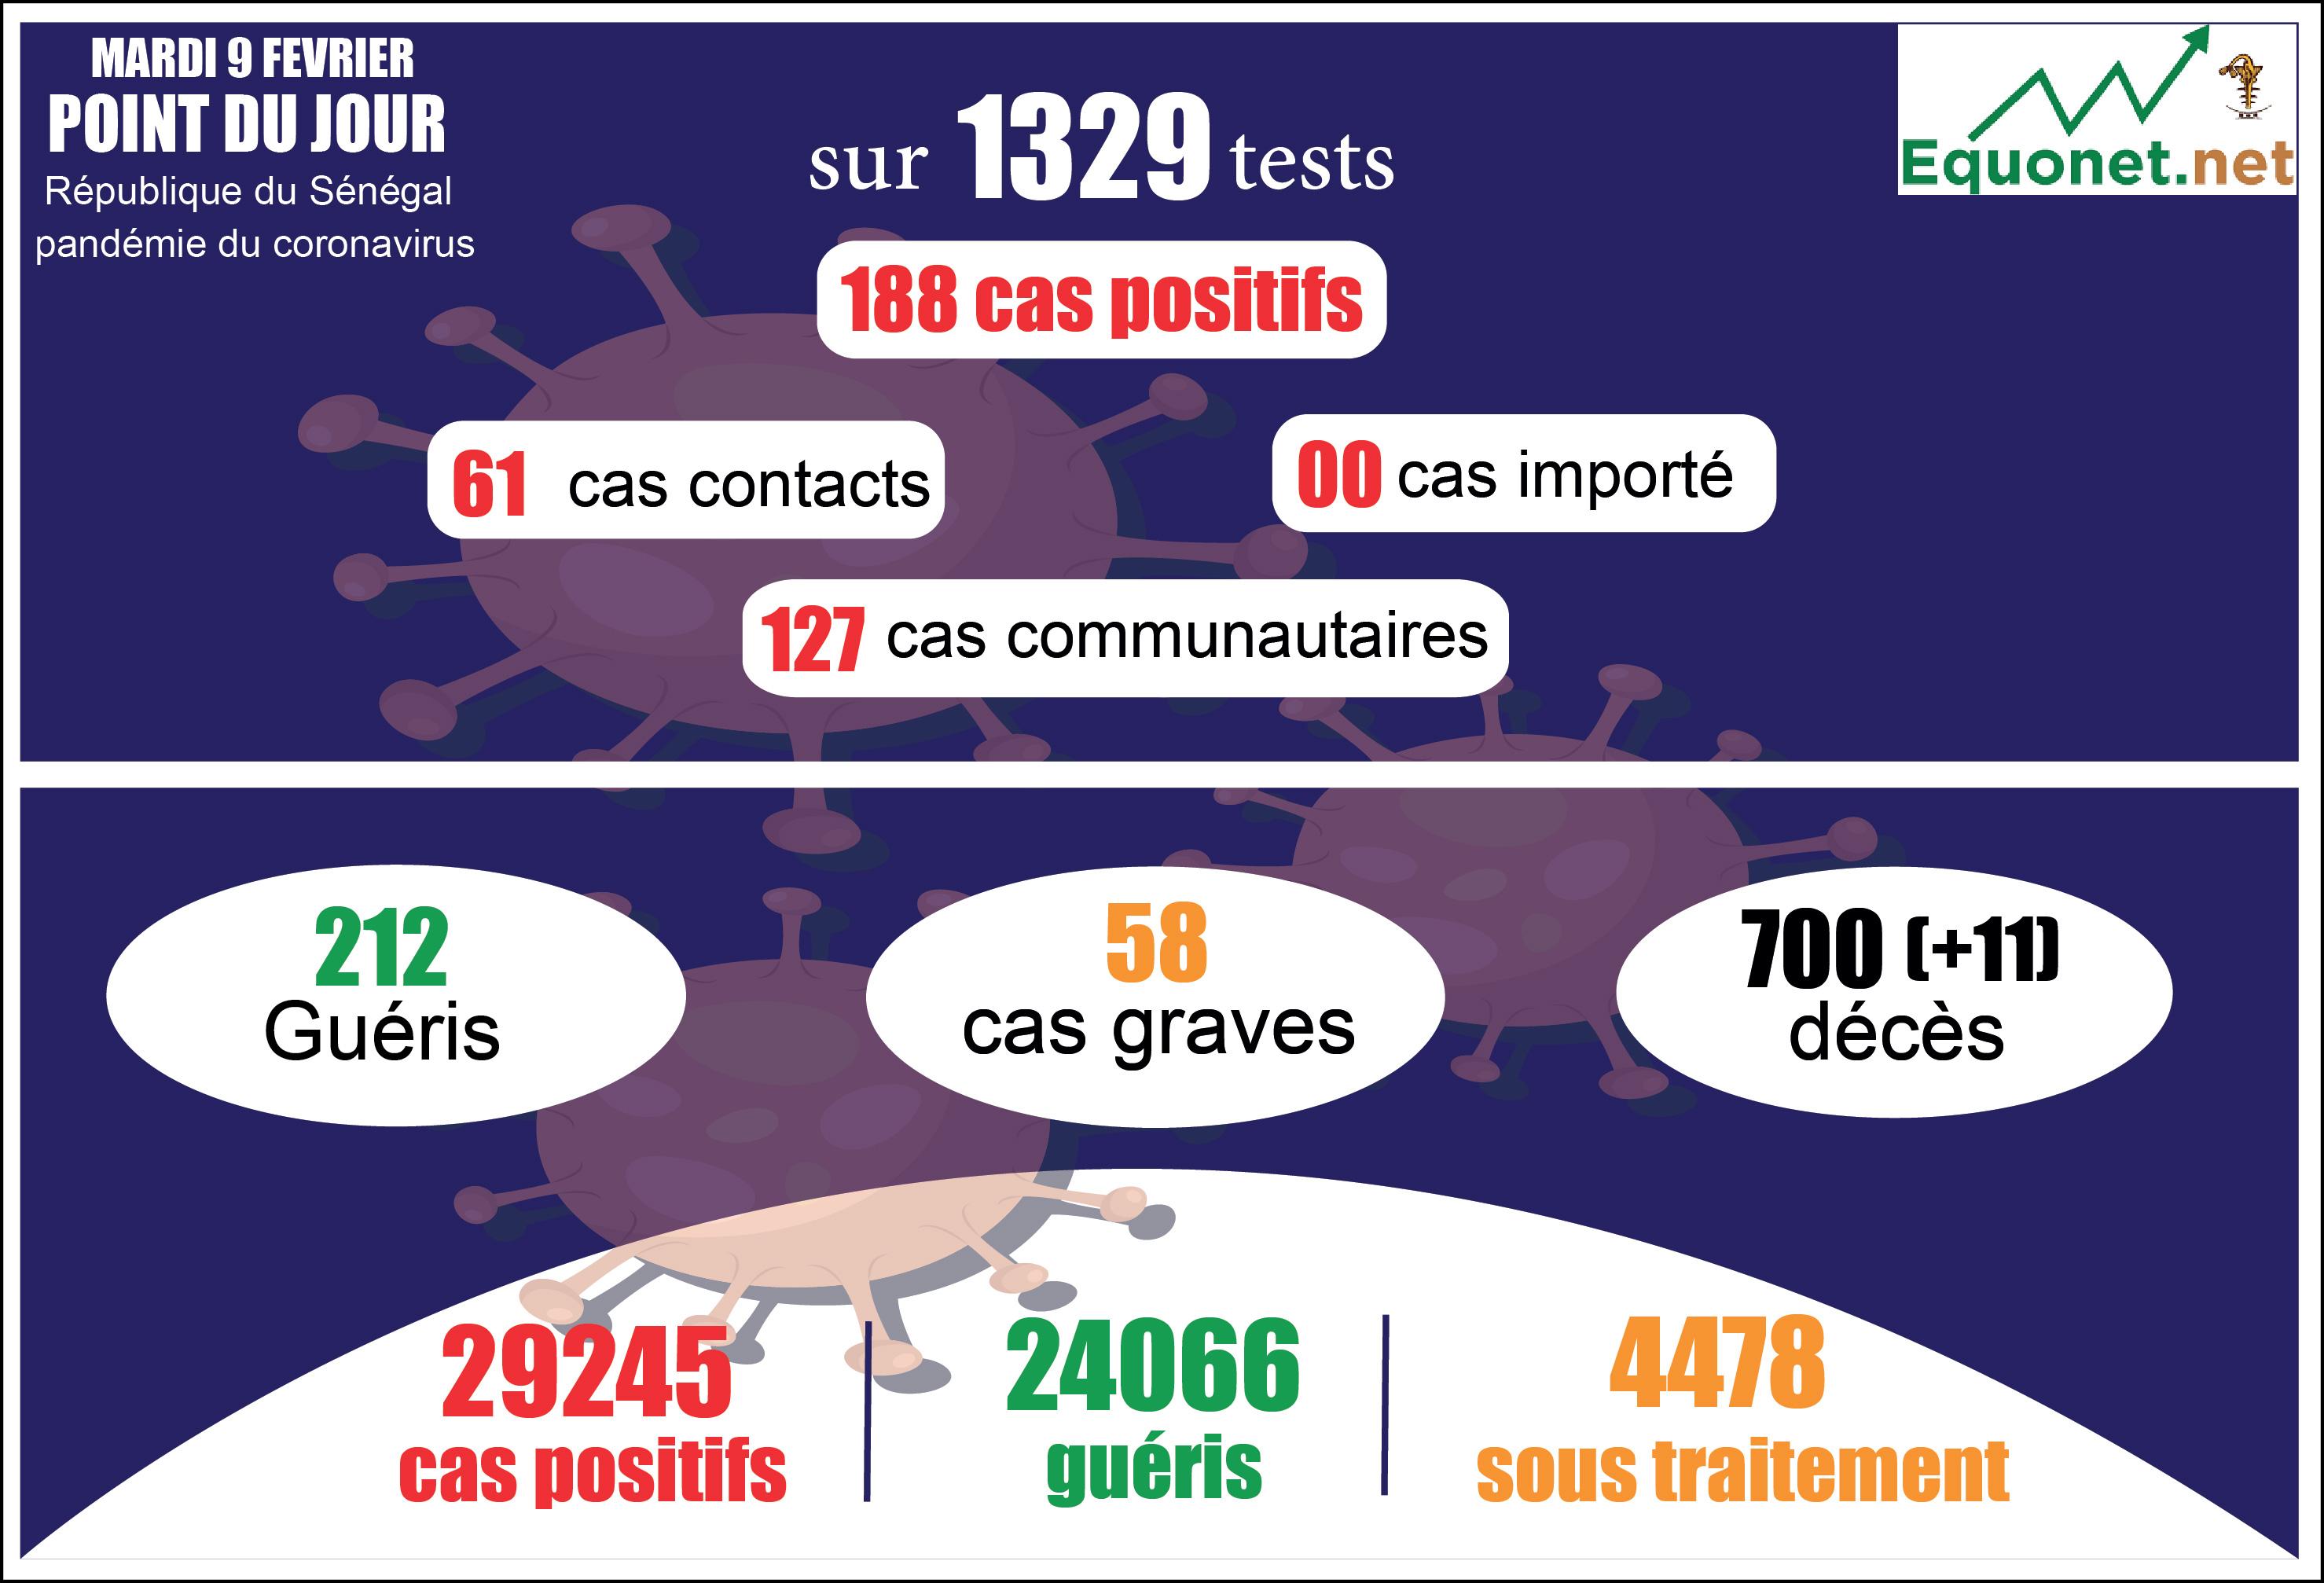 pandémie du coronavirus-covid-19 au sénégal : 127 cas communautaires et 11 décès enregistrés ce mardi 9 février 2021